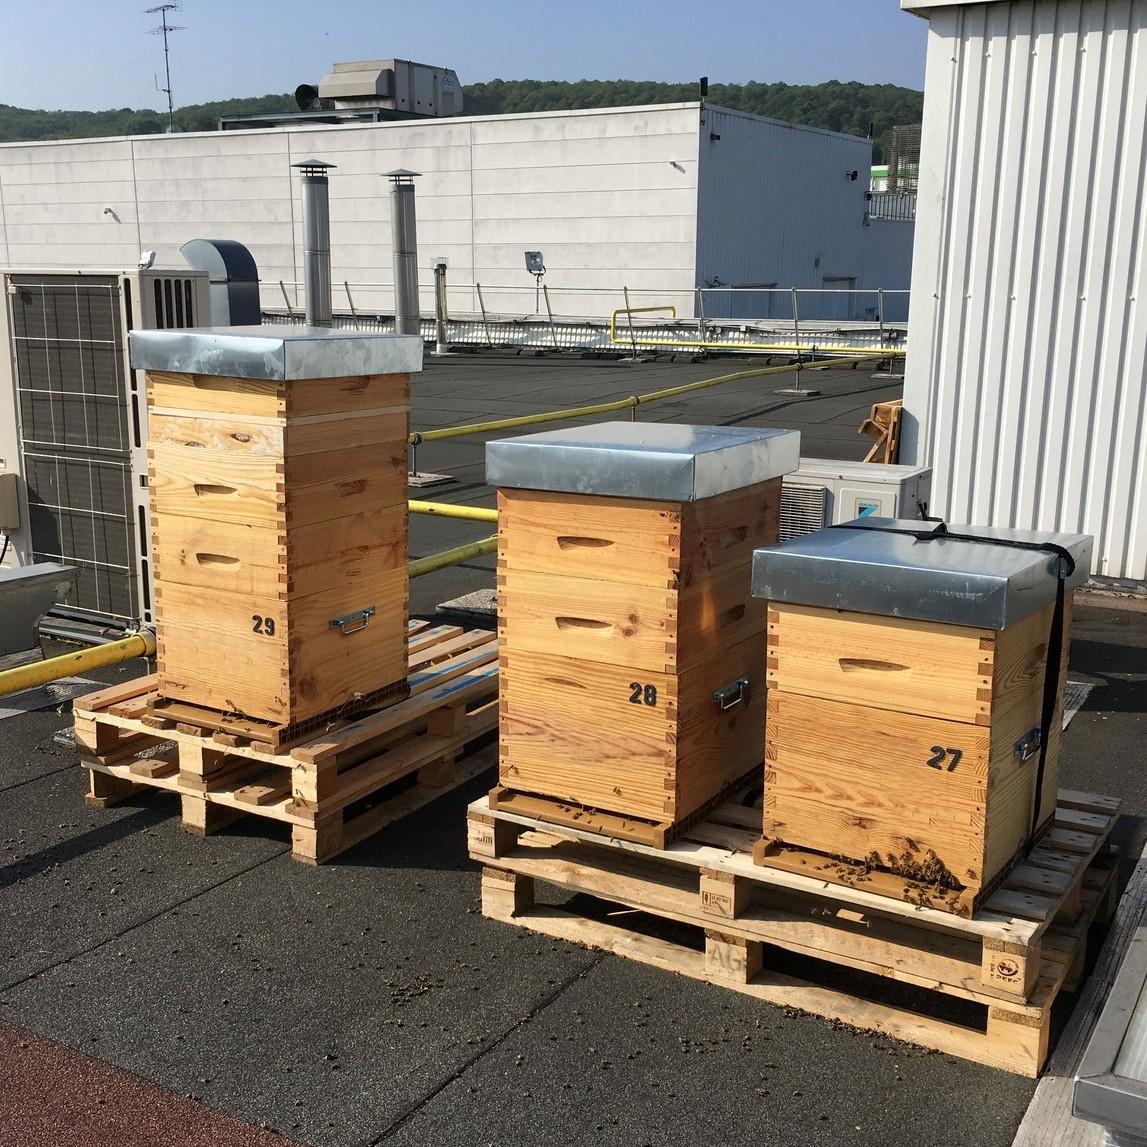 Location de ruches pour les entreprises en Yvelines et Hauts-de-Seine